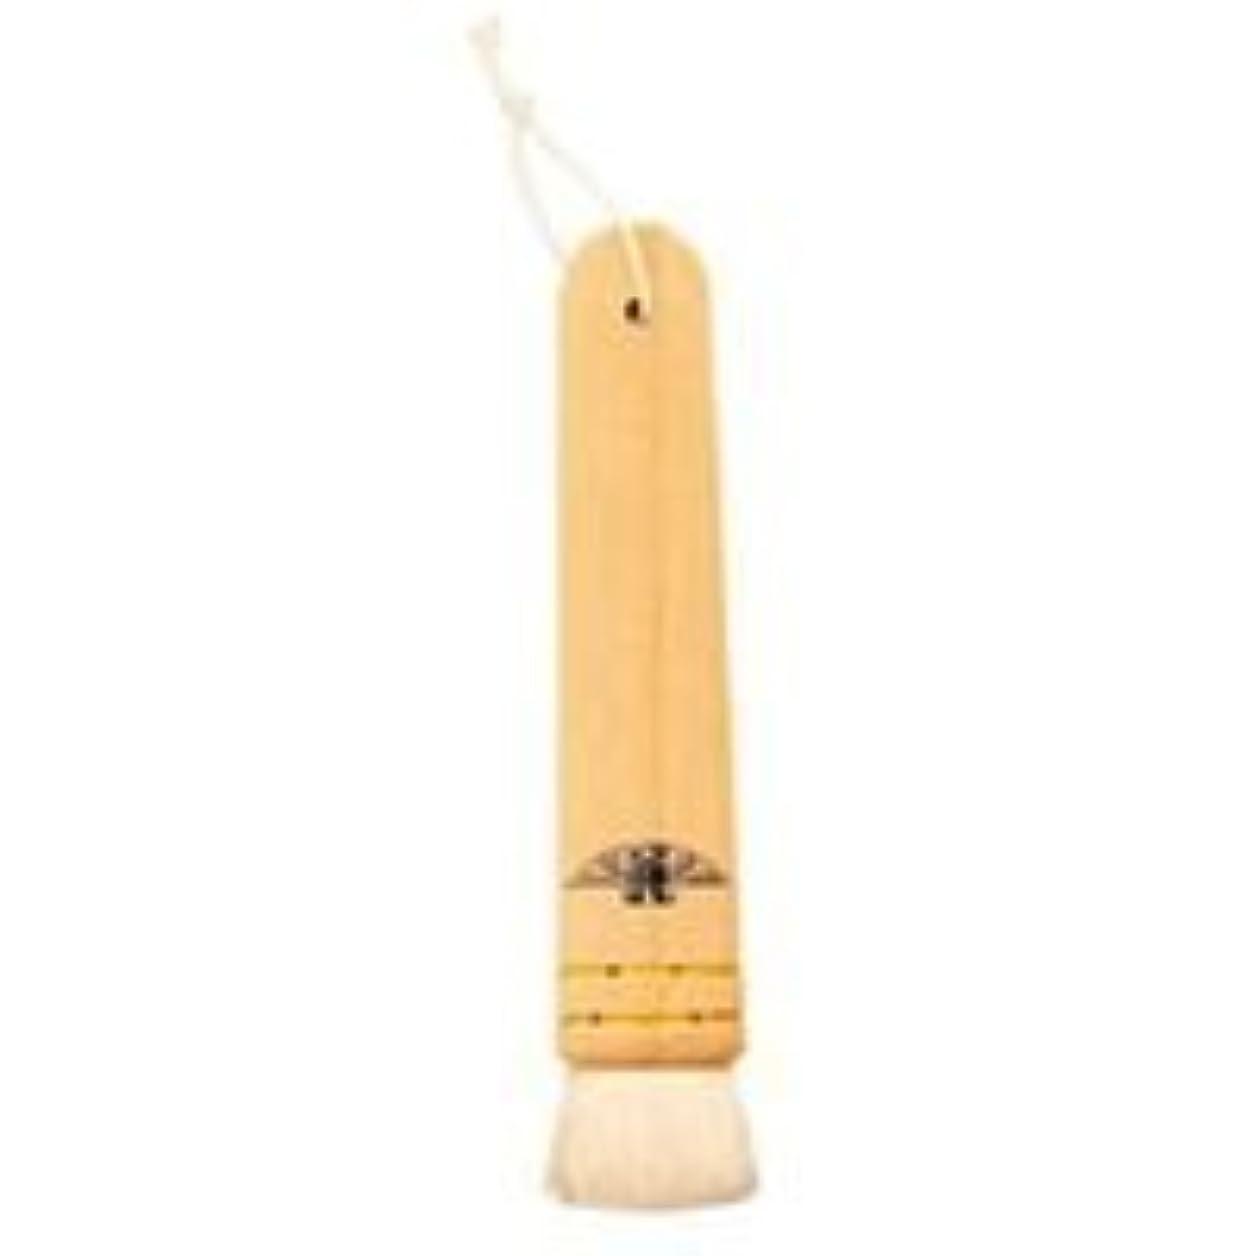 エステートポジションそれから三善 長柄板刷毛 メイクブラシ 木製 24mm(山羊毛)#